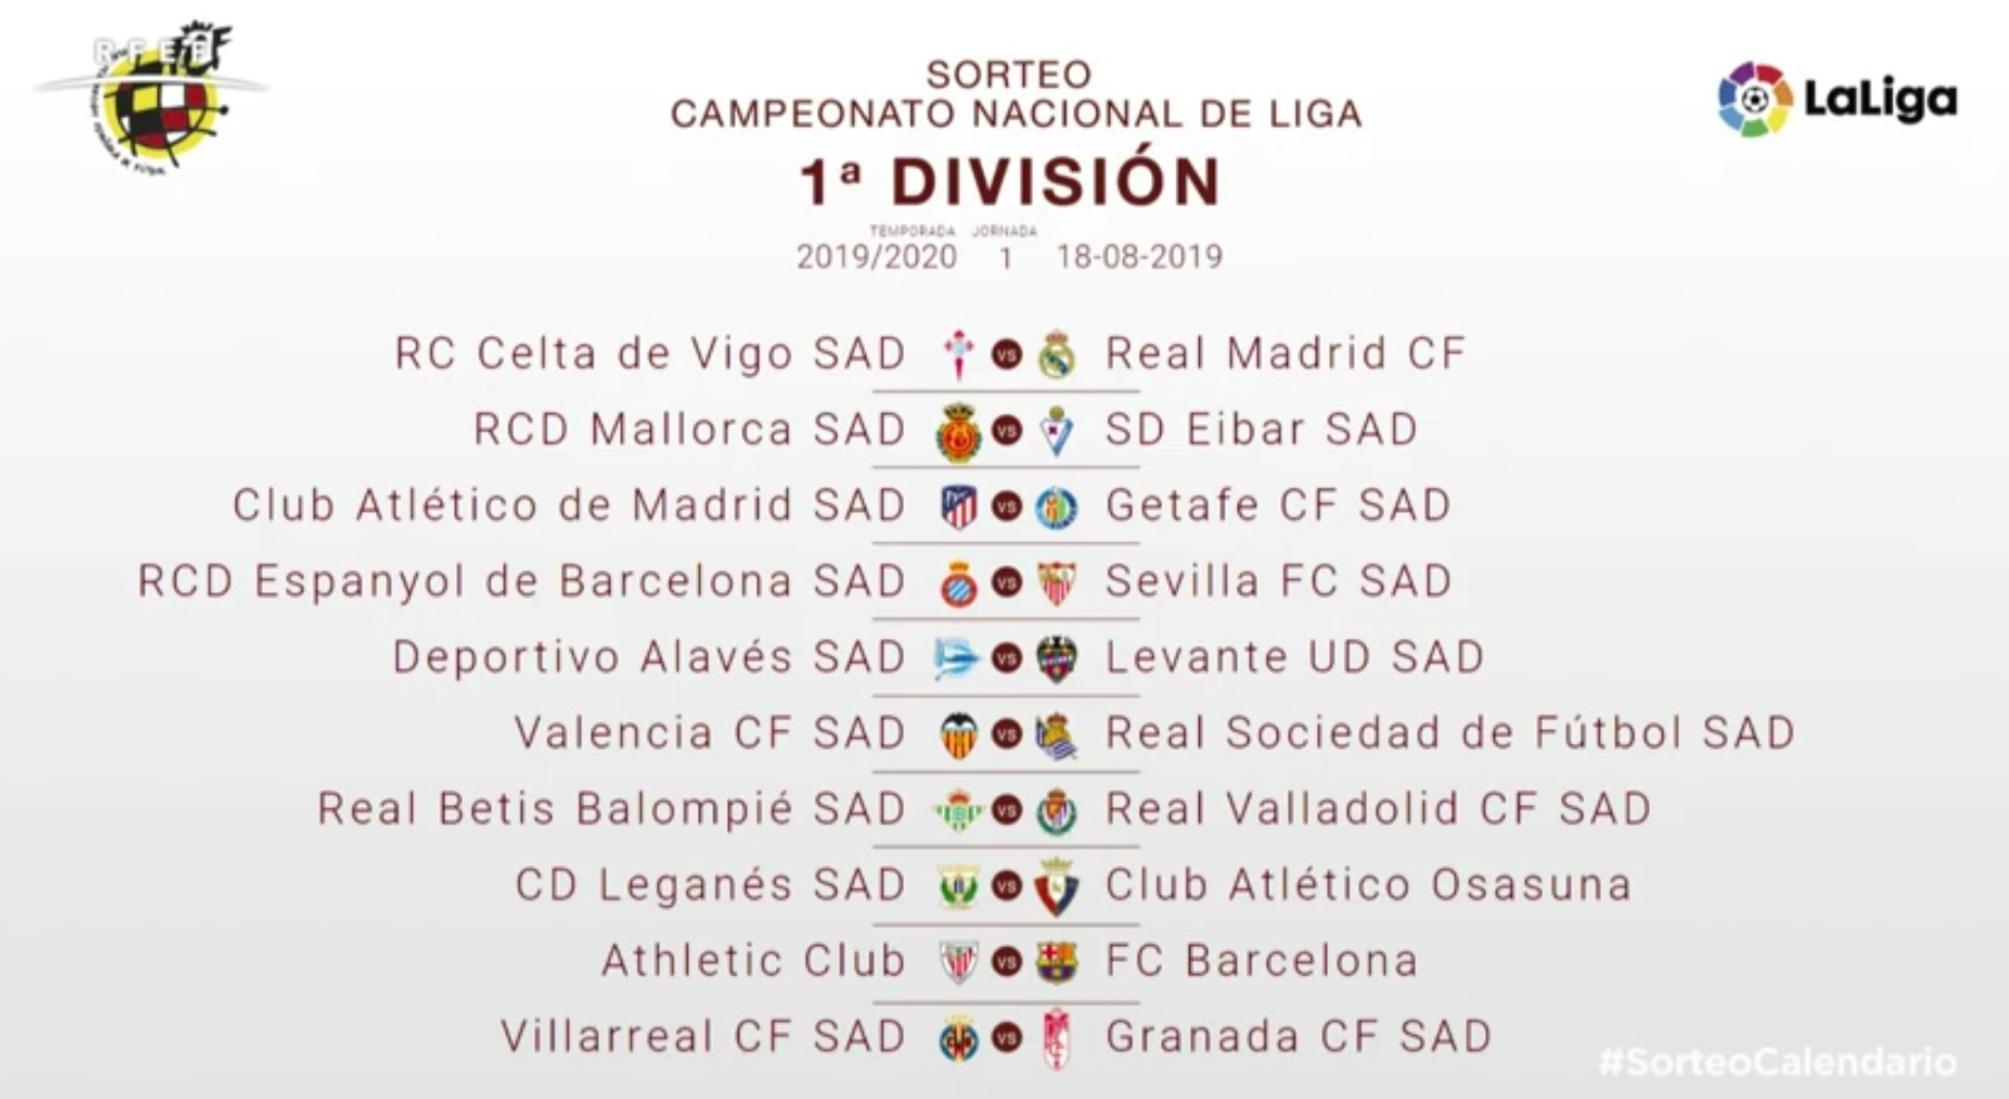 Sorteo Calendario Liga 2020.Sd Eibar Twitter Photo 2019 2020 Denboraldiko